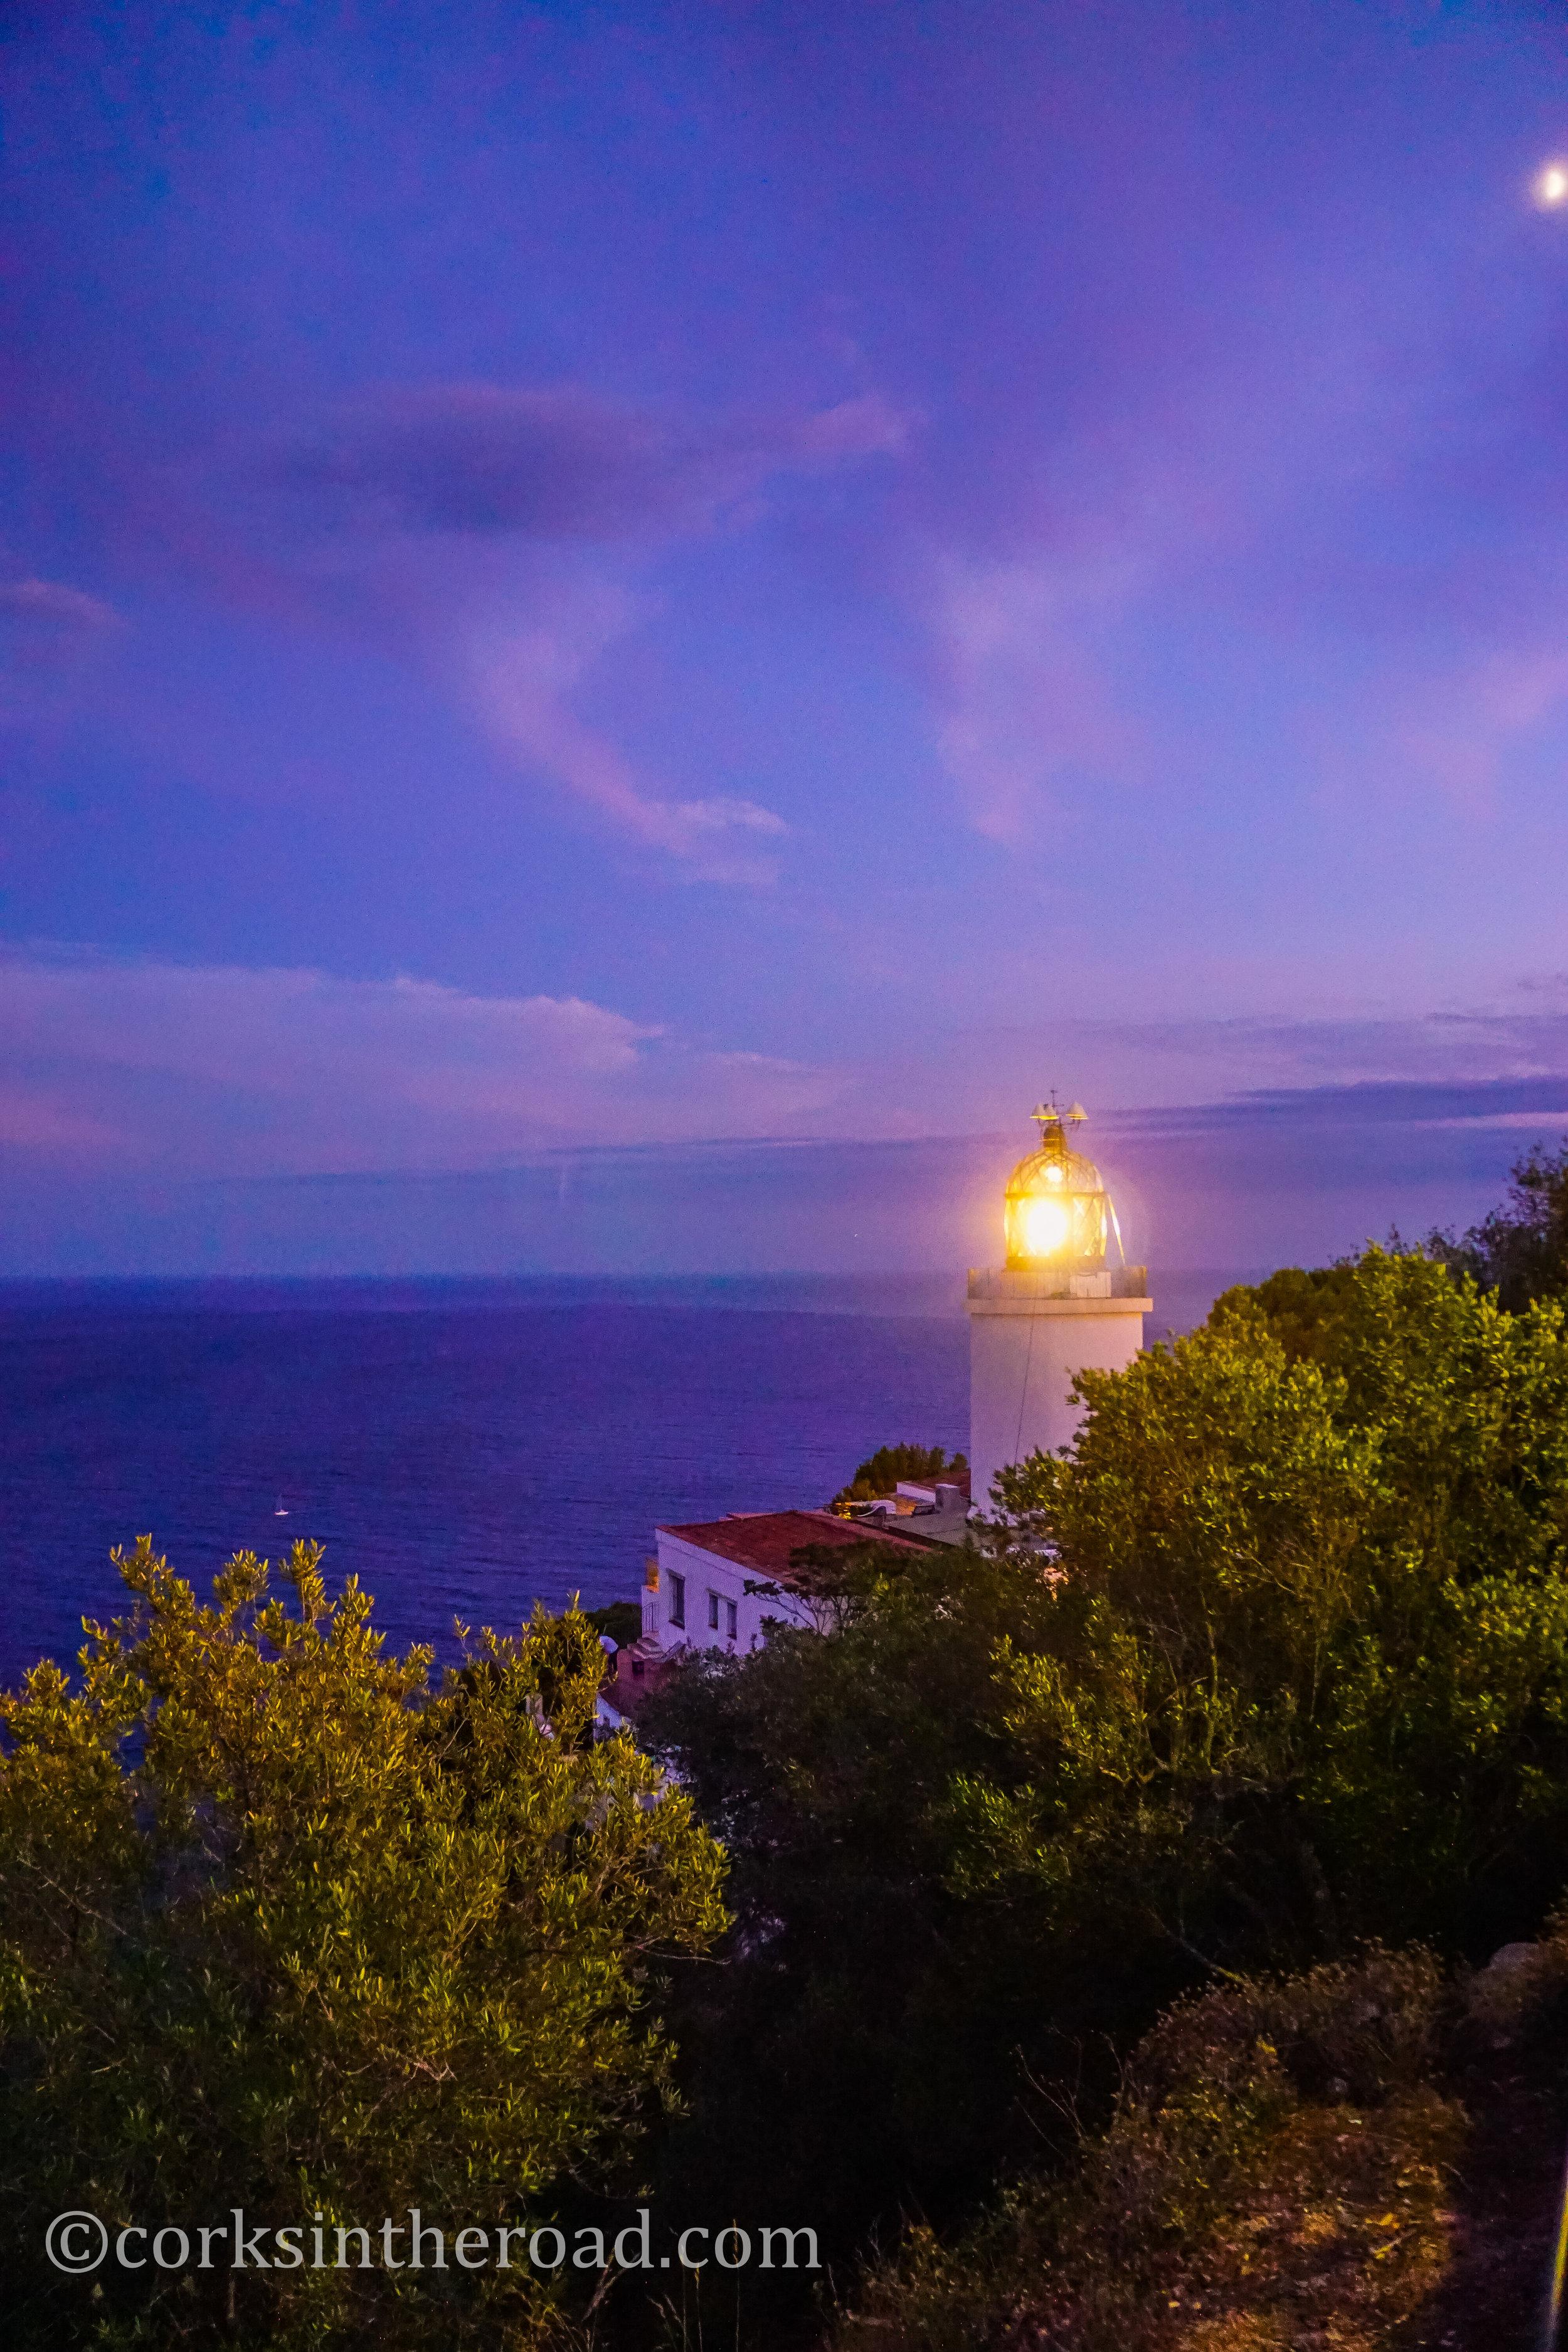 20160810Barcelona, Corksintheroad, Costa Brava, Costa Brava Landscape, Restaurant El Far, Sunsets-6.jpg